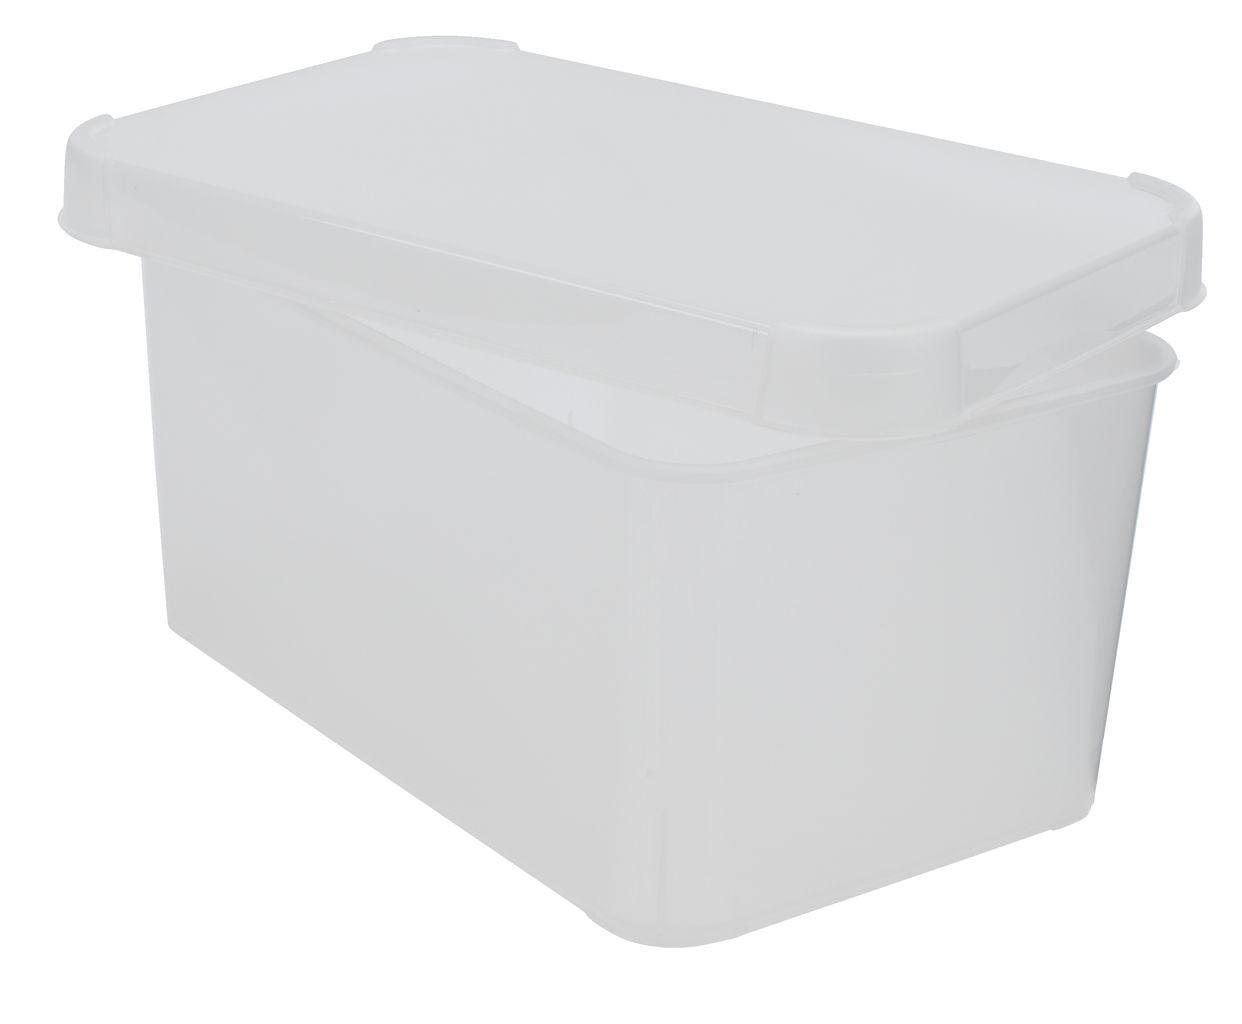 Ящик пластиковый для хранения прозрачный с крышкой